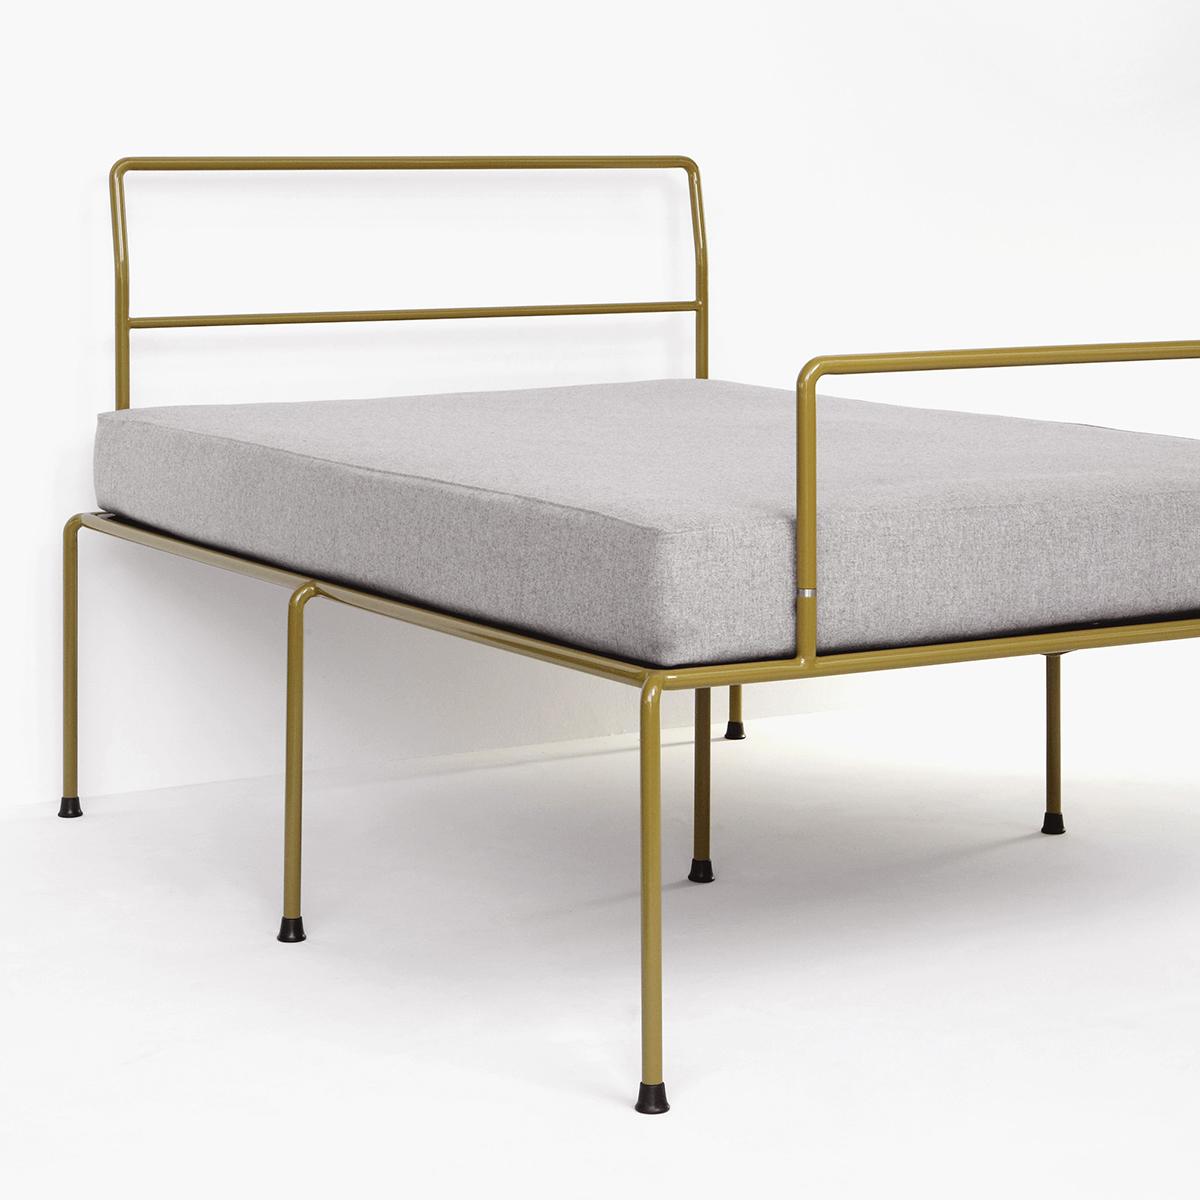 ATELIERHAUSSMANN_SEVENFEETUP ist ein Eisenbett aus Rundrohr, filigran und stabil steht es auf sieben Beinen, Minimaldesign zwischen Bauhauesthetik und Industridesign, Handgefärtig.